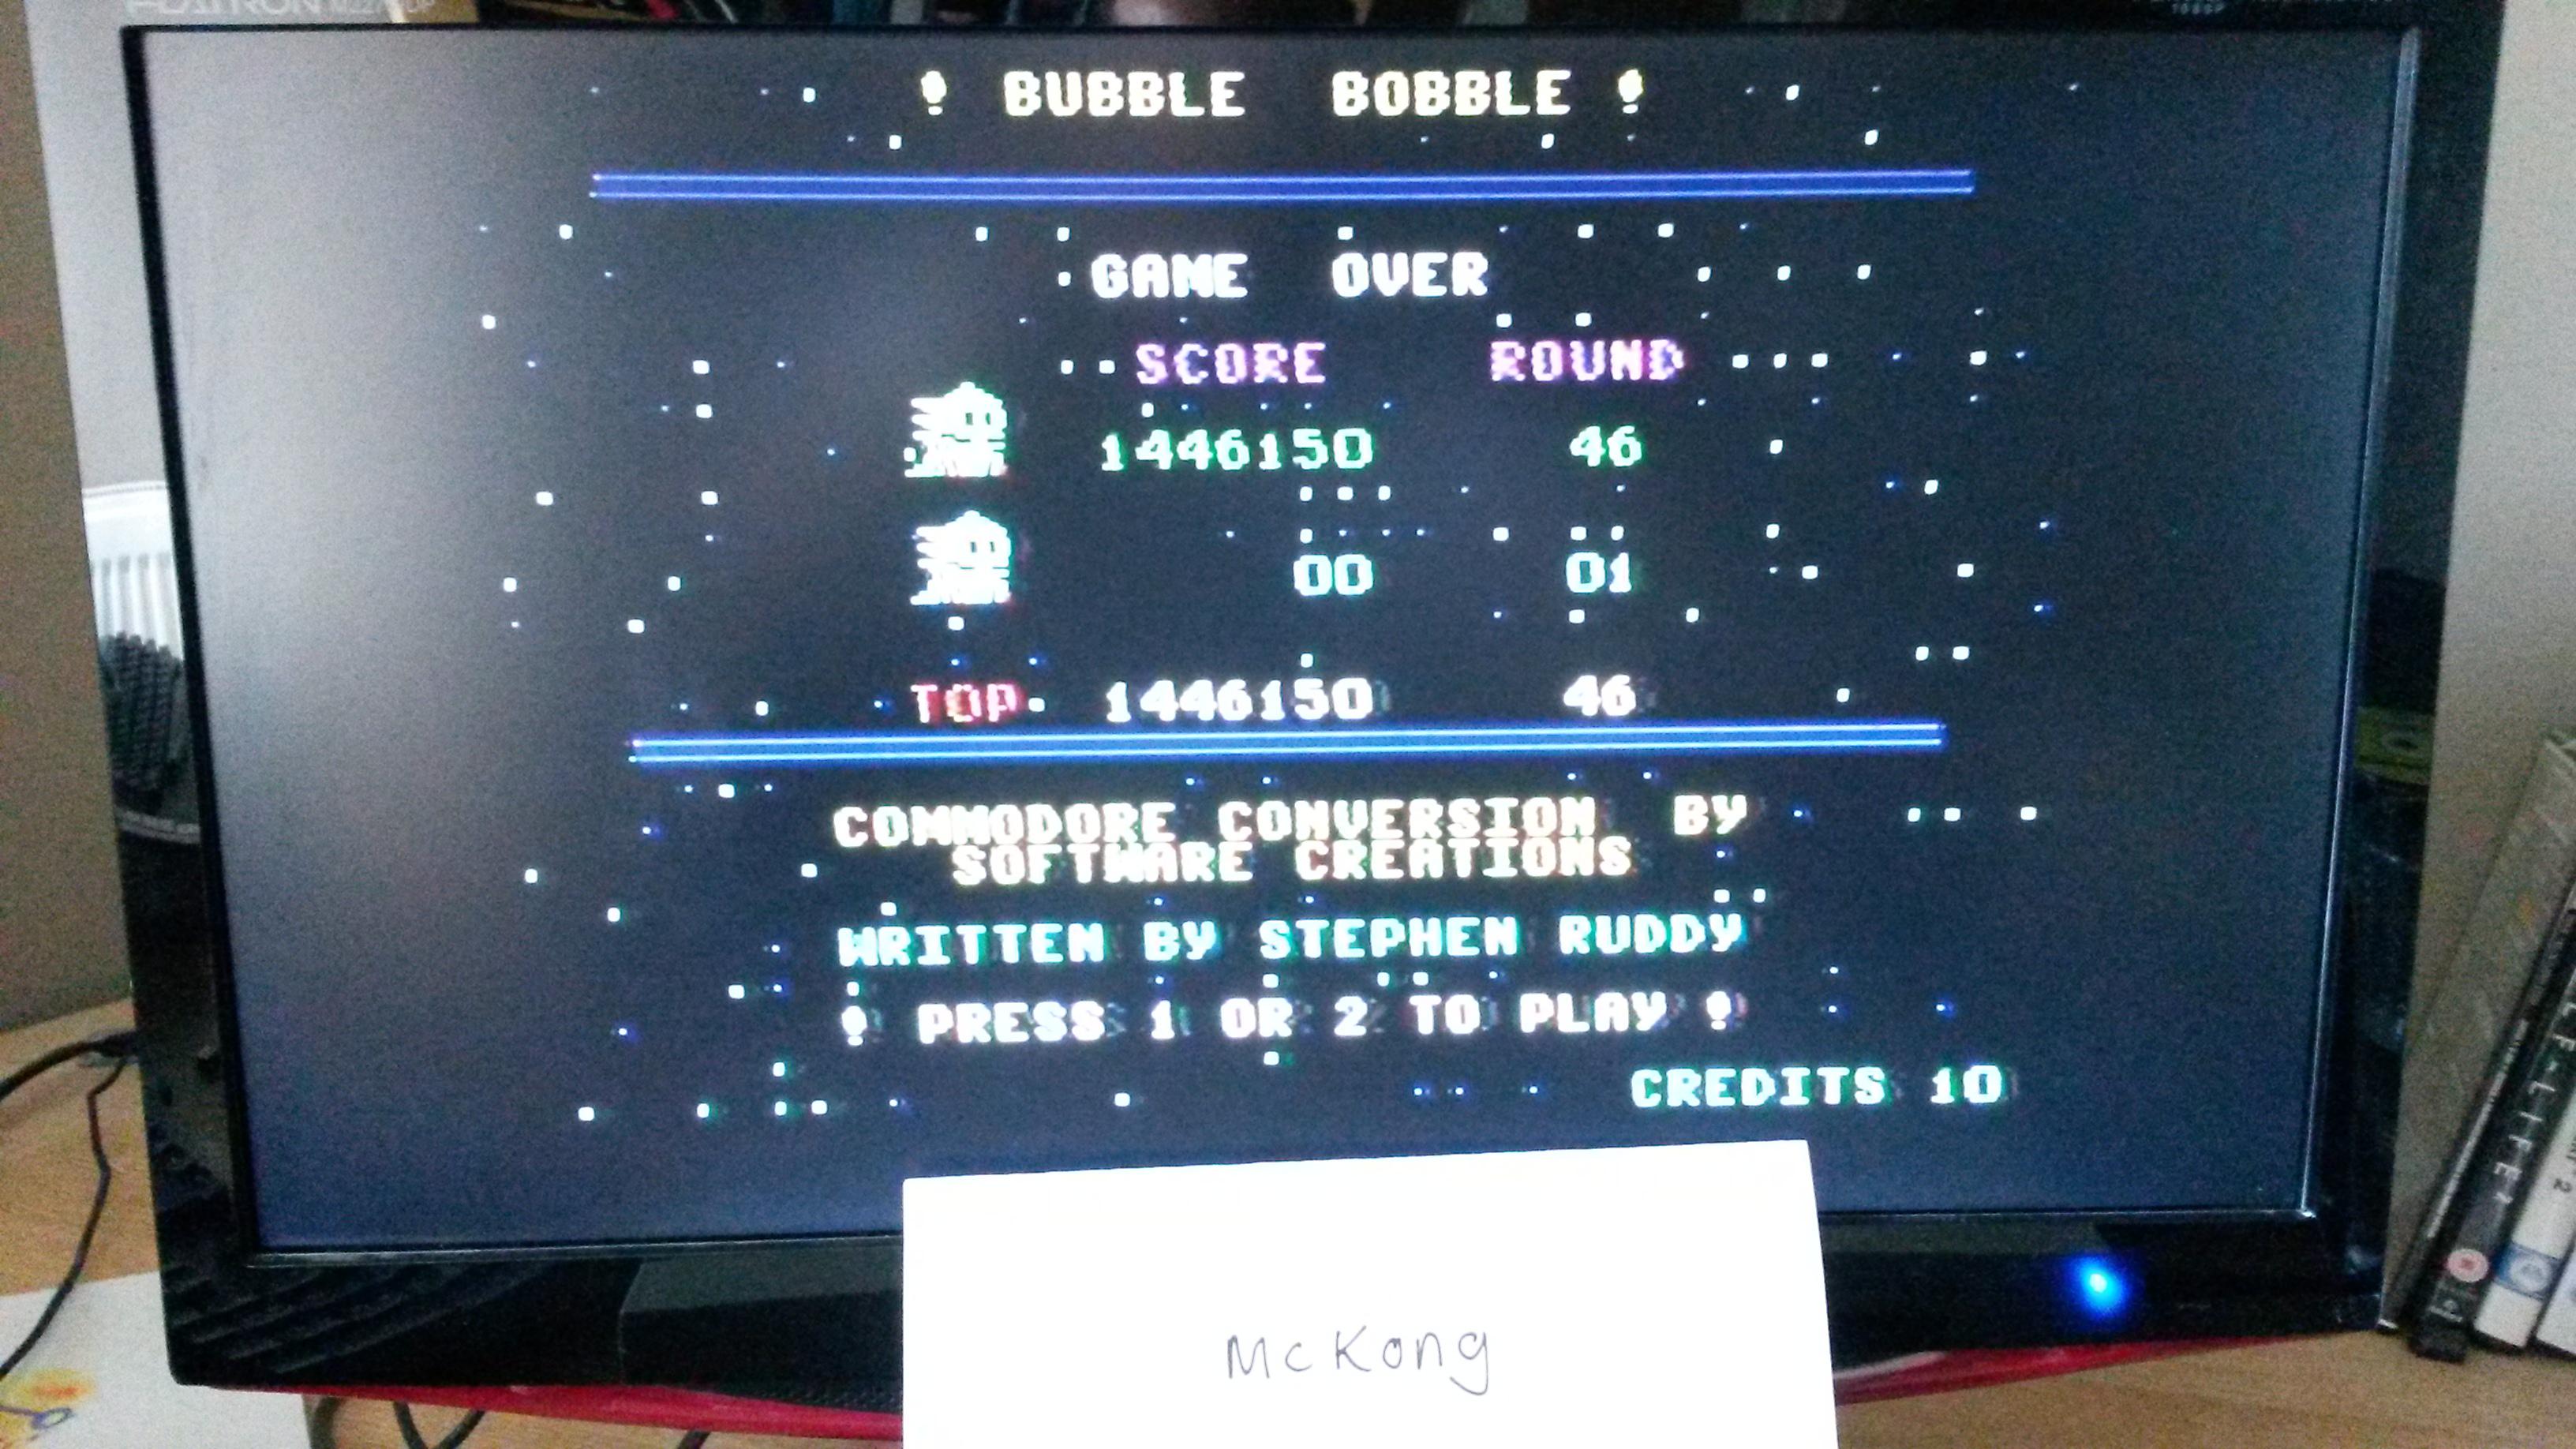 Bubble Bobble 1,446,150 points